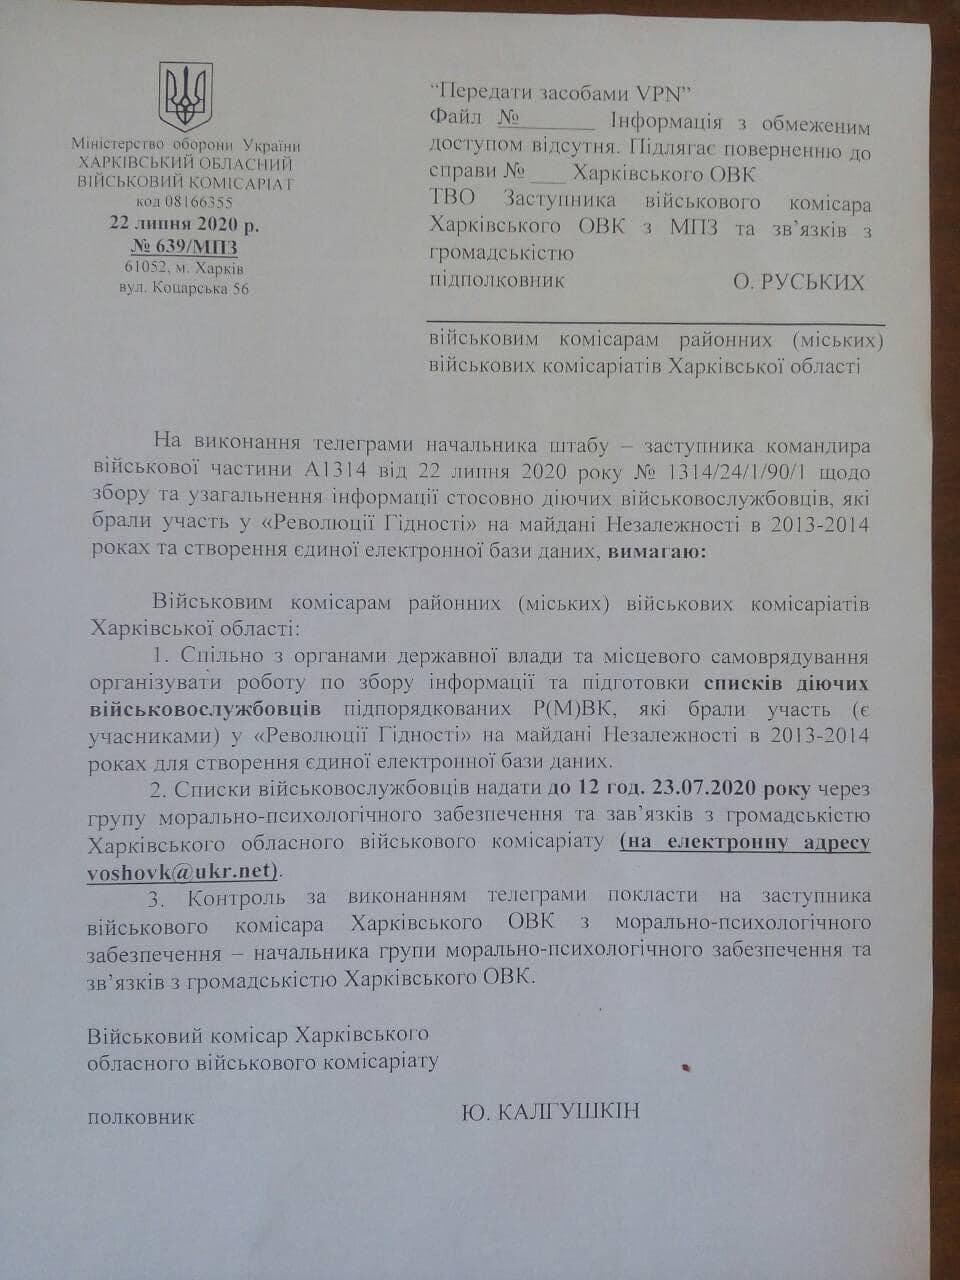 Военкоматы собирают информацию о бойцах ВСУ, участниках «Революции достоинства». Всех внесут в реестр